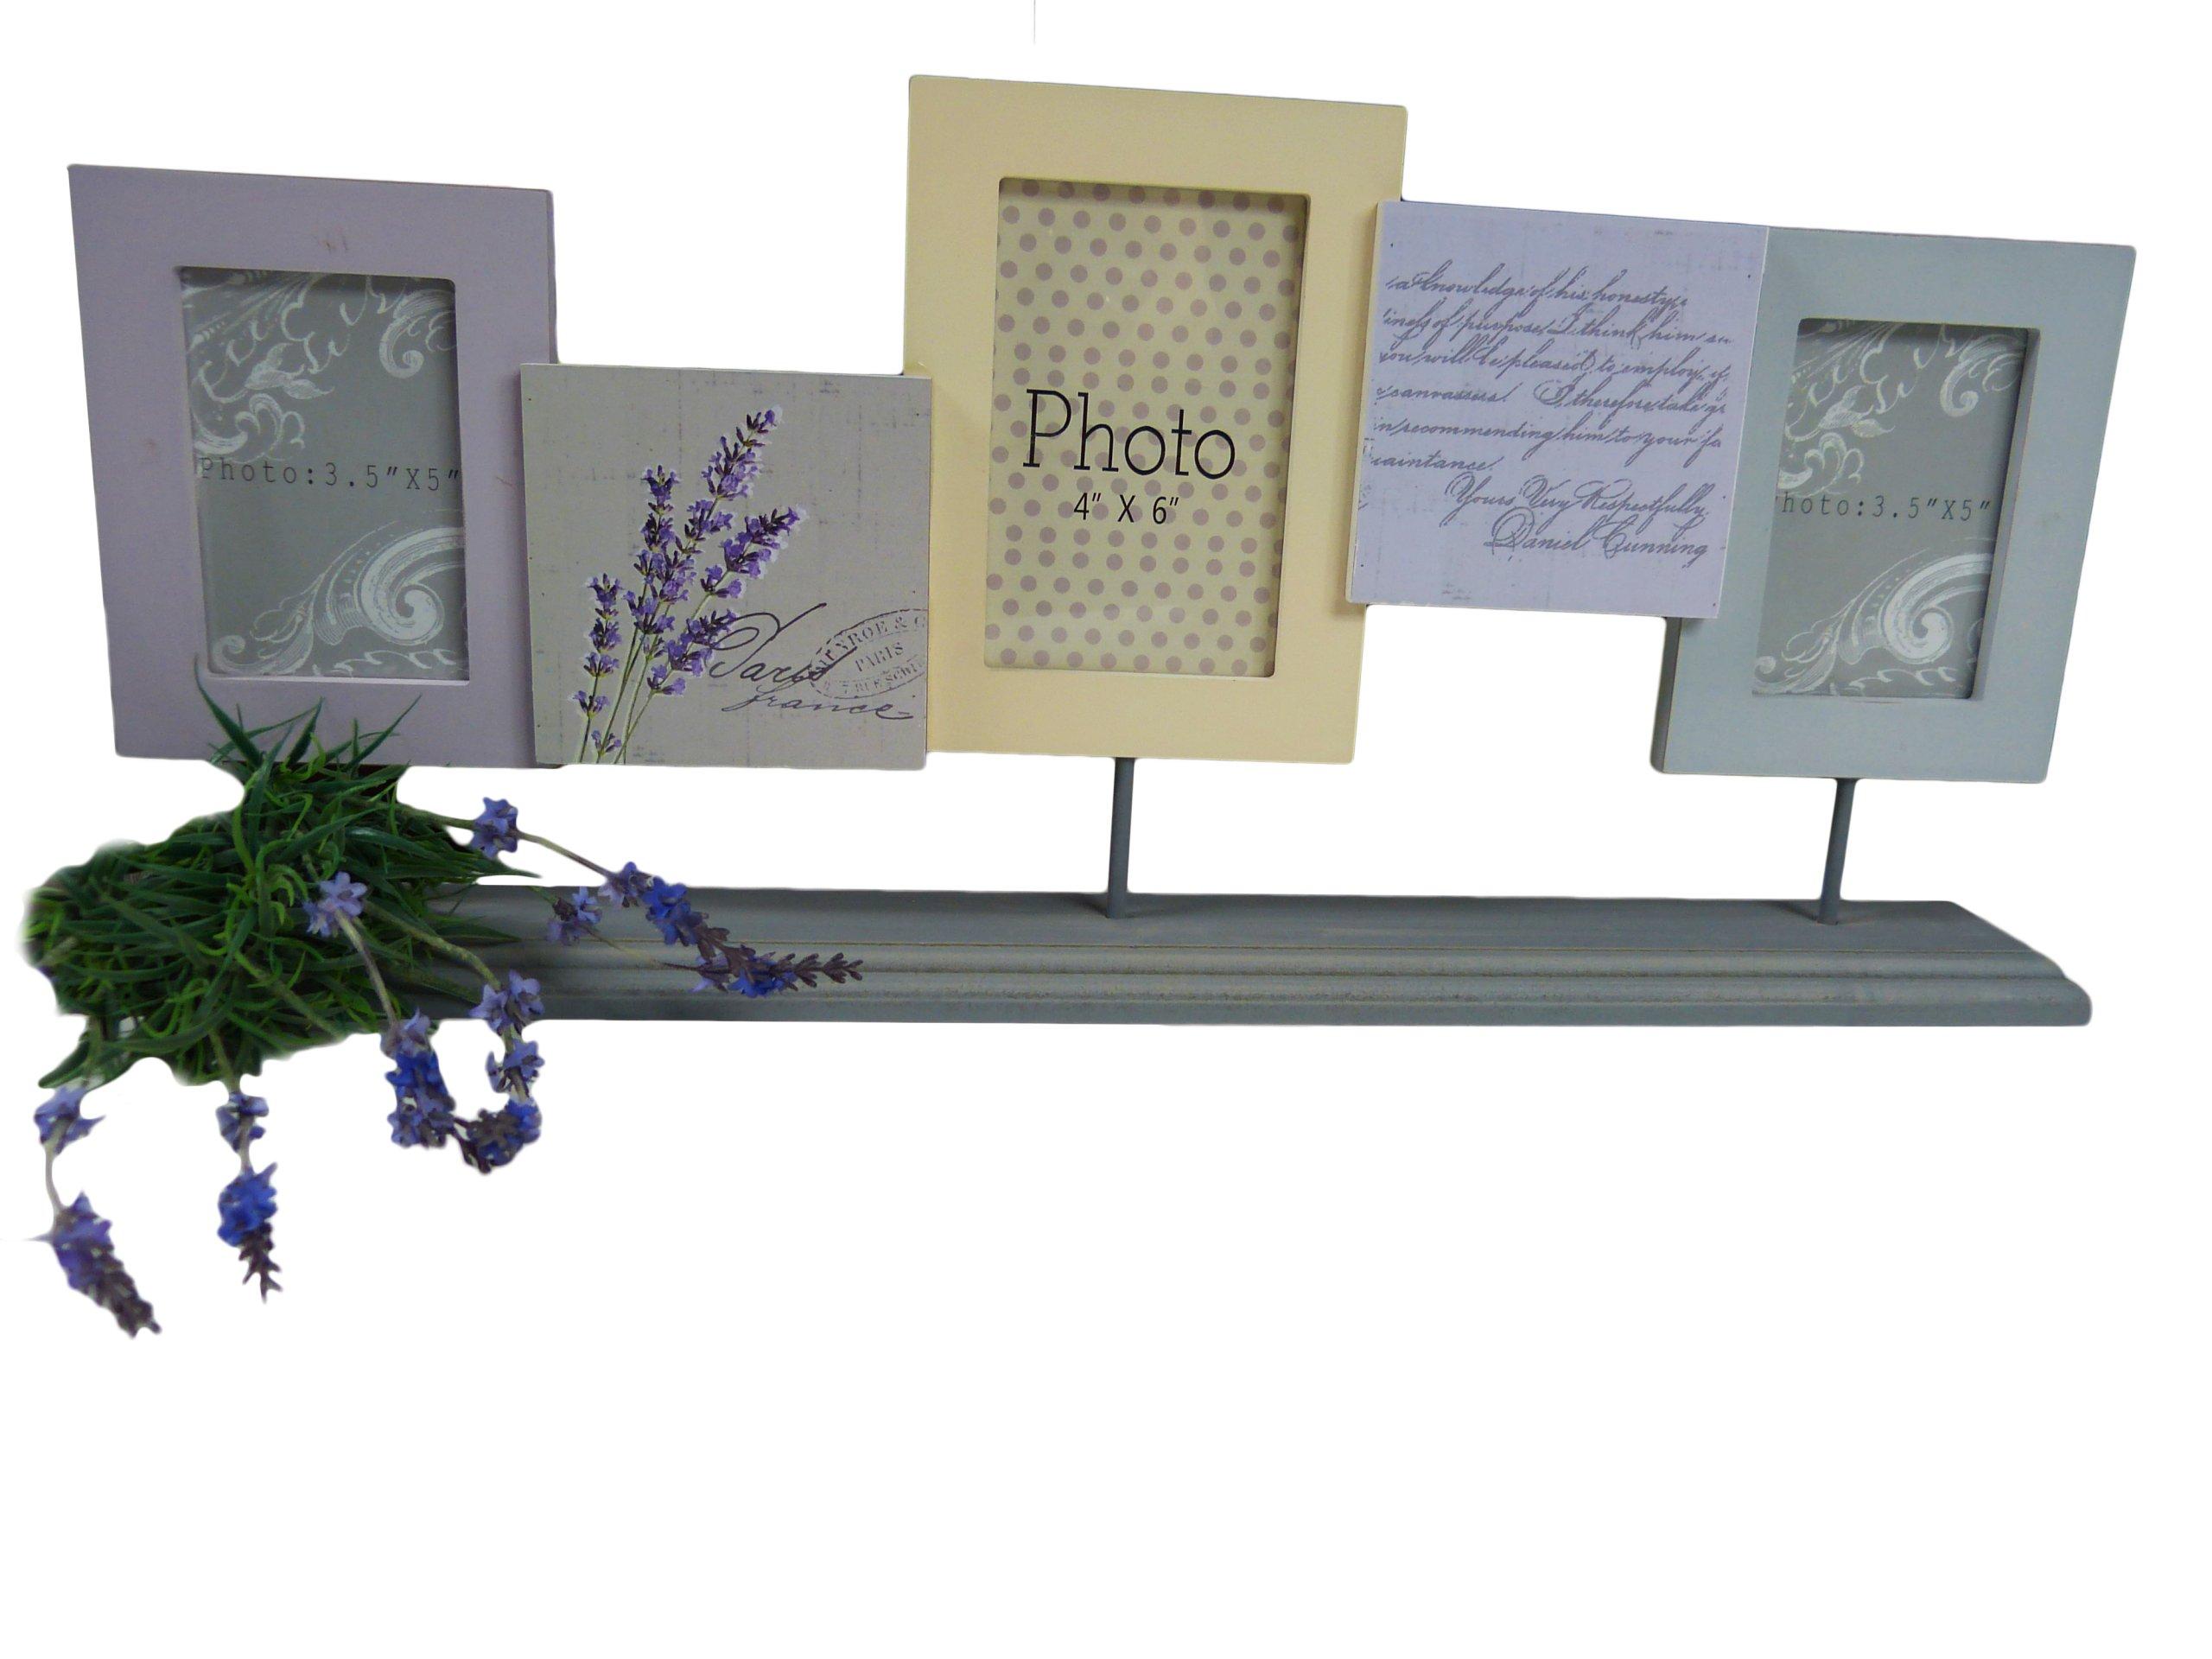 ZEKE fotorámčekov photo frame ošumelé elegantný RETRO